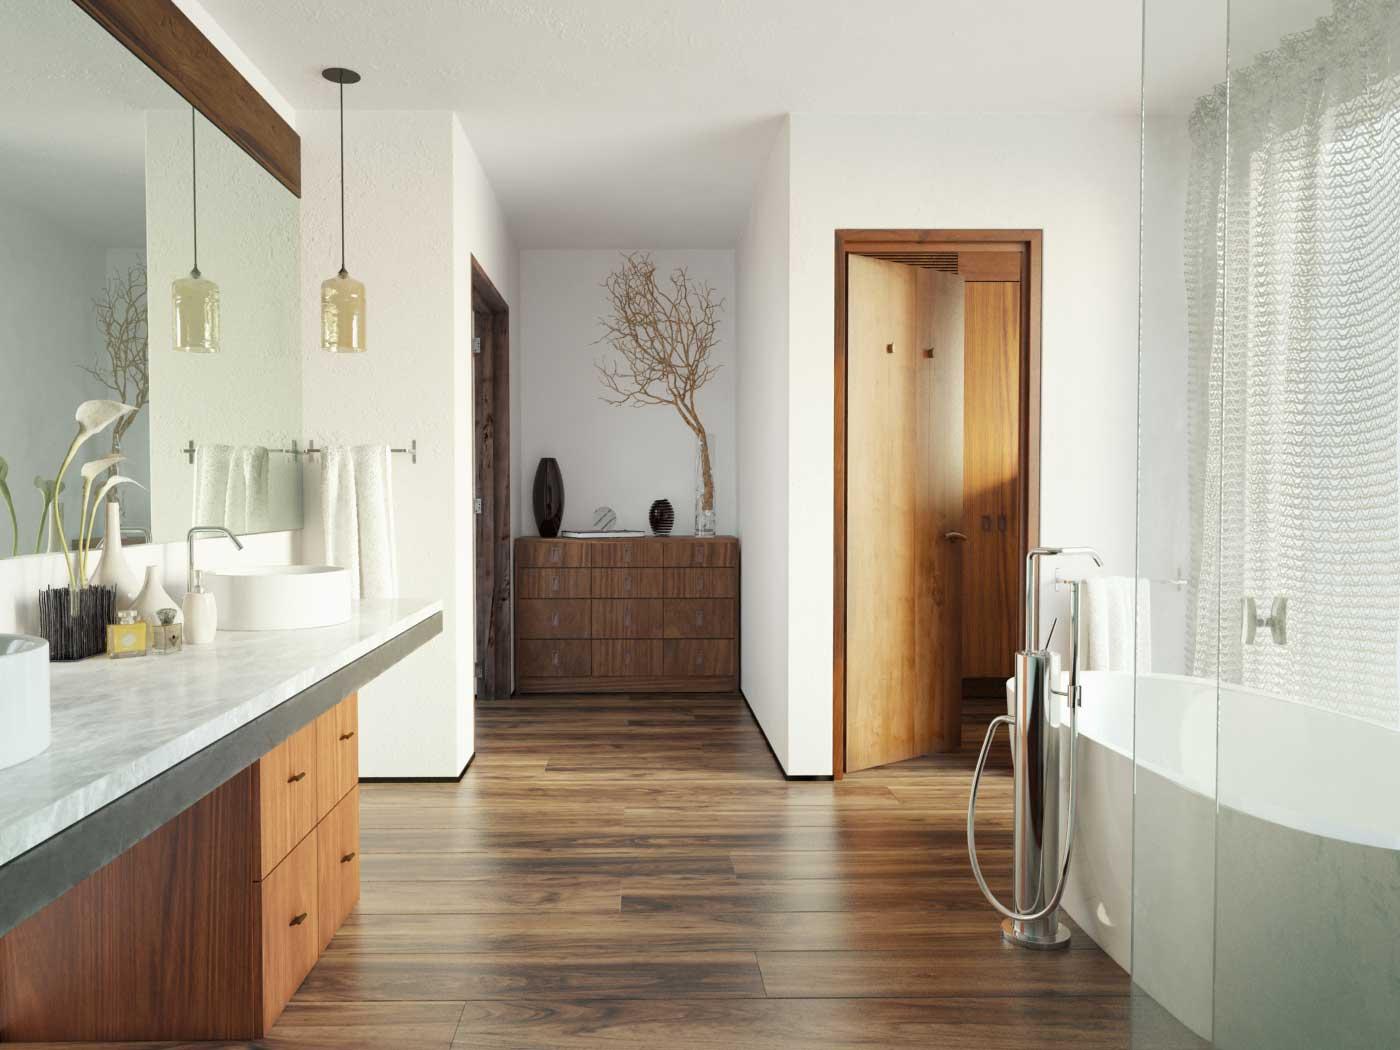 Rifacimento Bagno Completo Padova manutenzione straordinaria casa | l'arte di ristrutturare a